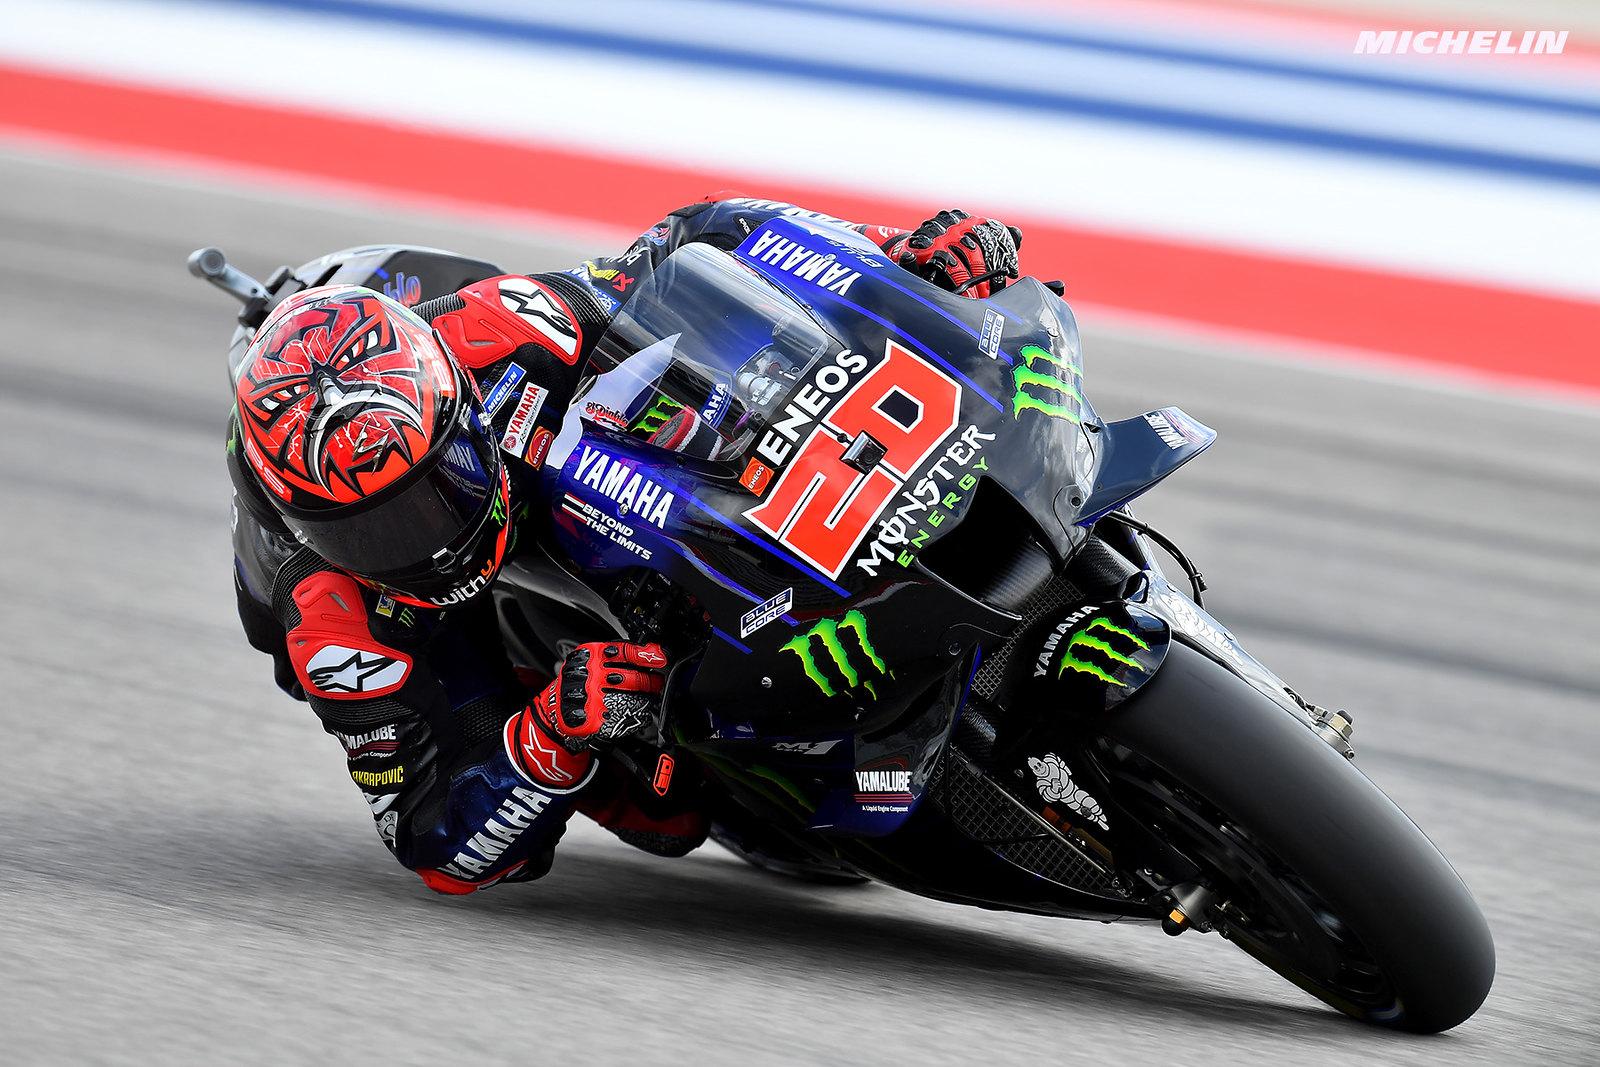 MotoGP2021アメリカズGP 予選2位ファビオ・クアルタラロ「少なくともトップ5を狙いたい」